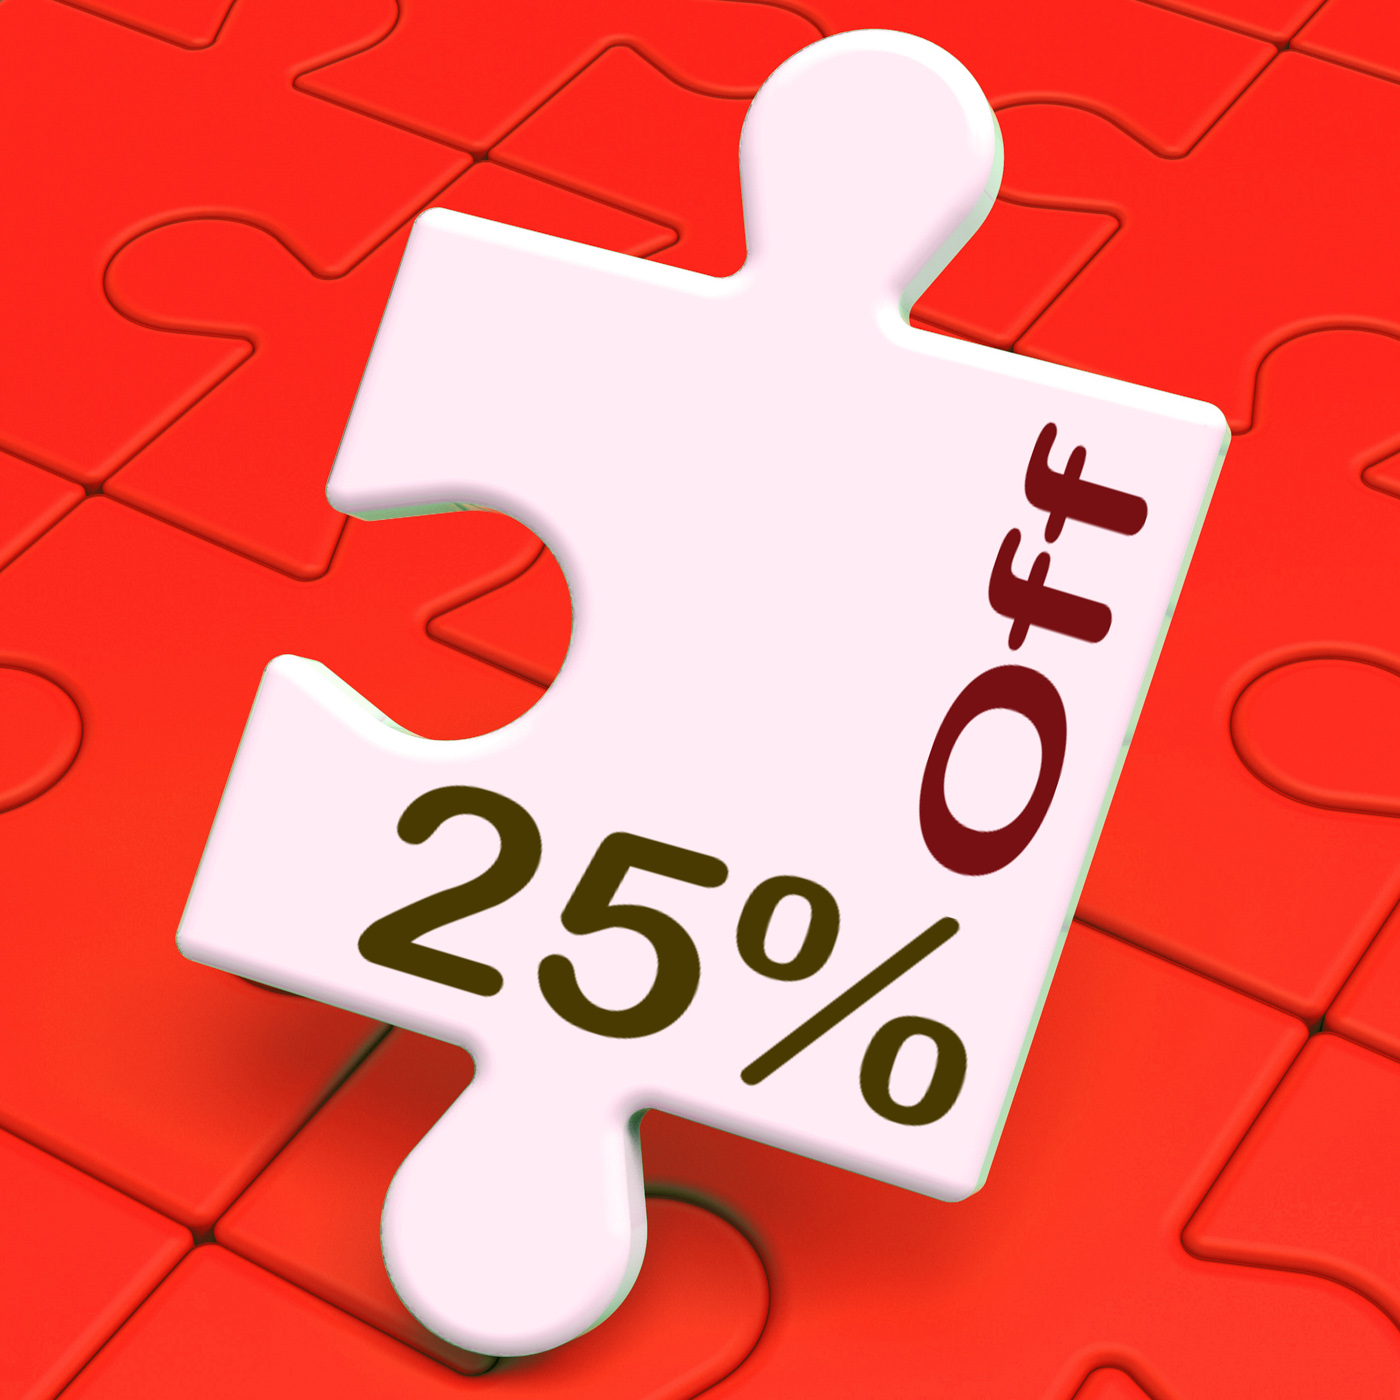 Twenty five percent off puzzle means reduction or sale 25 photo